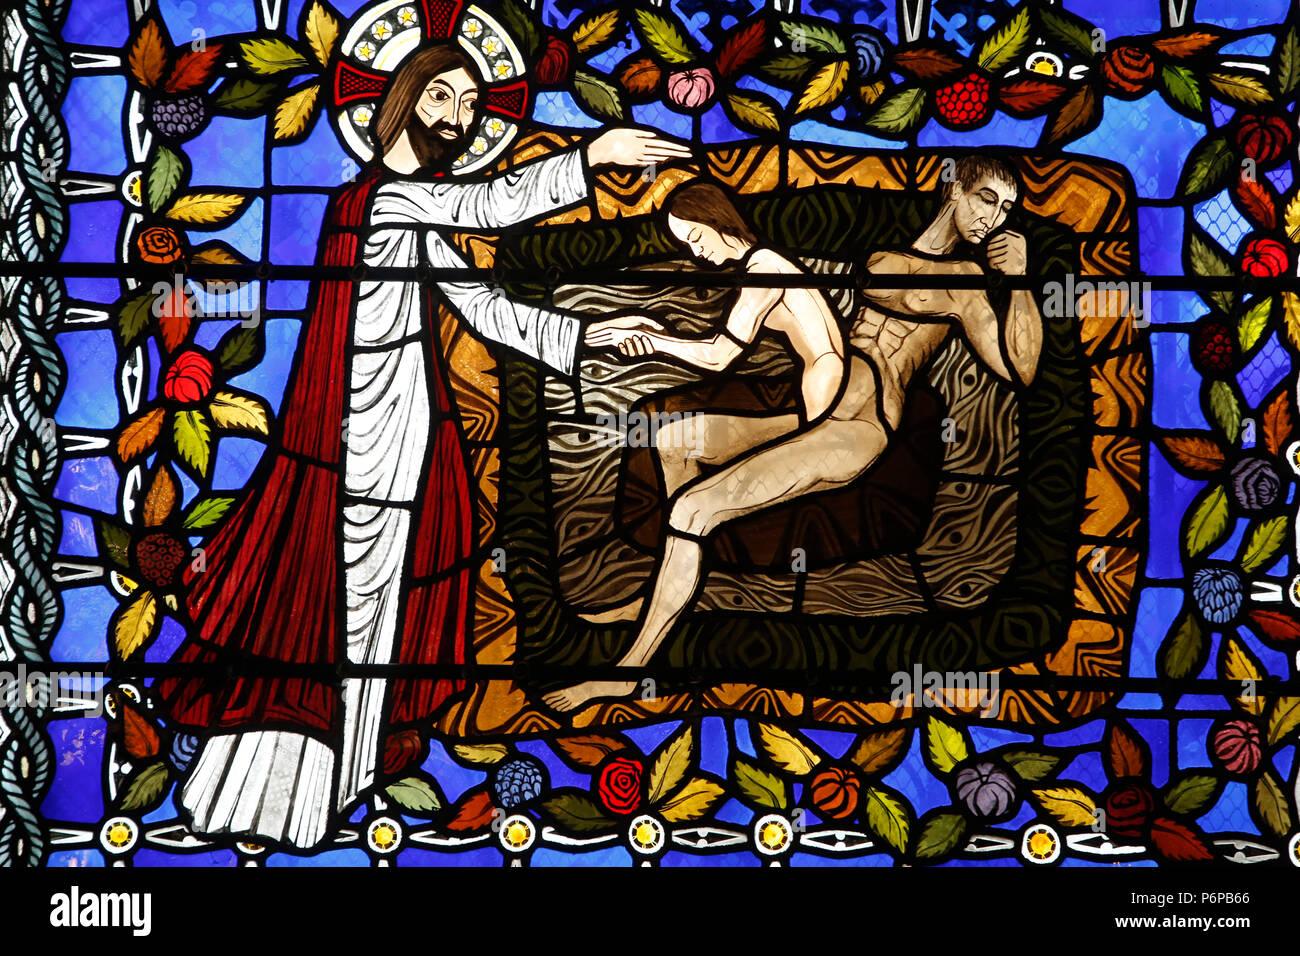 La cathédrale Notre Dame de Clermont, Clermont-Ferrand, France. Vitrail. La genèse. Photo Stock